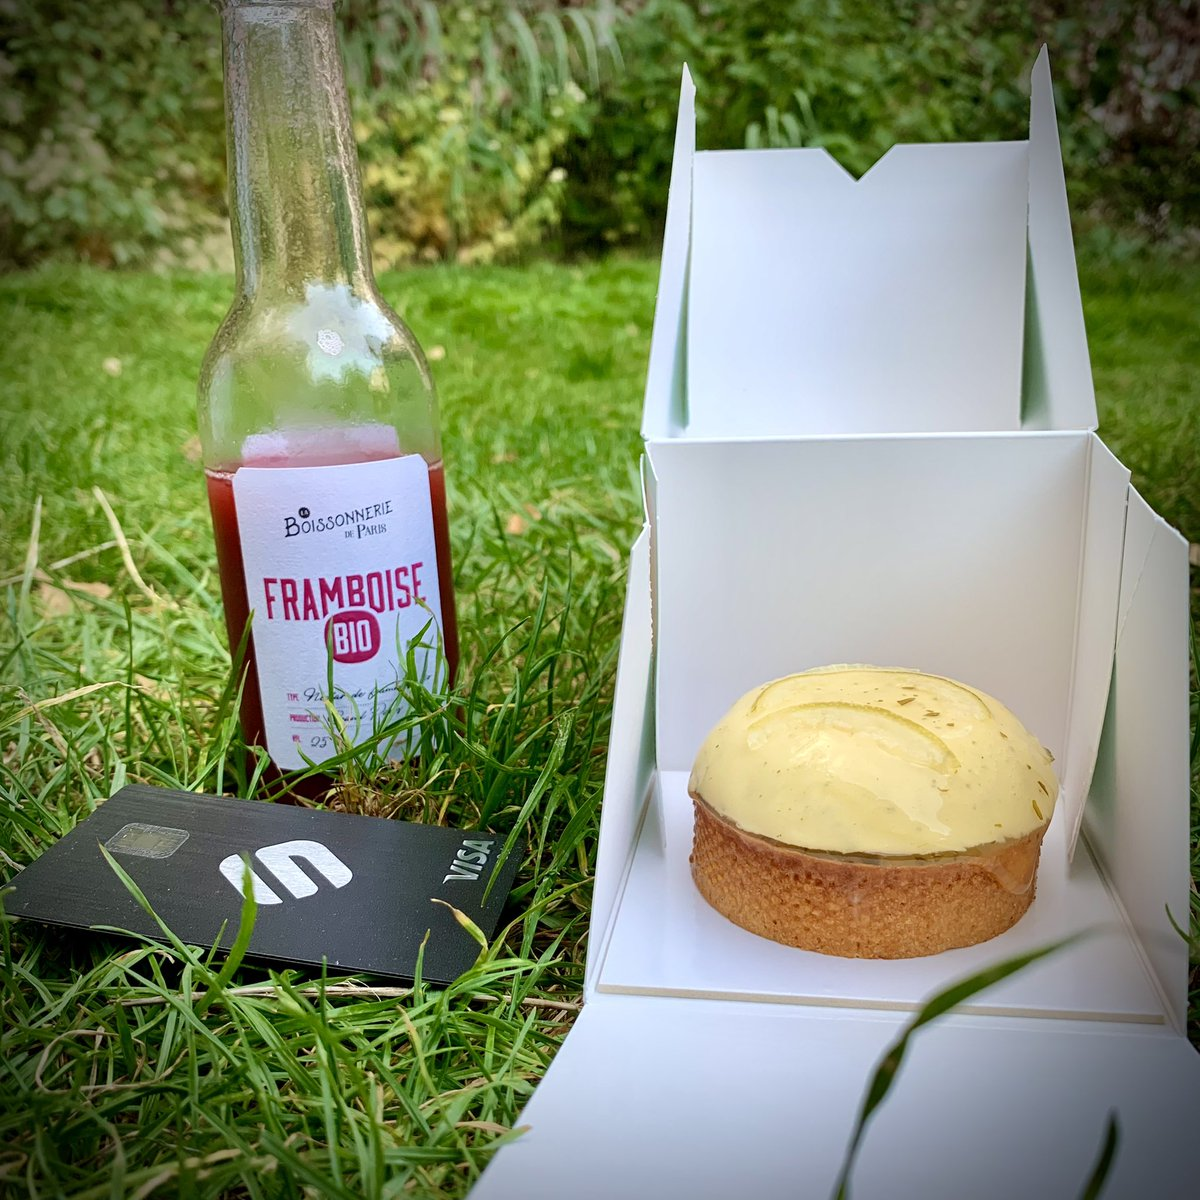 I just had a great lemon pie from @YannCouvreur in a Paris park. Beautiful sunday ☀️   @JLSwipe @SwipeWallet #GotSwipe https://t.co/3eukVps6Sd